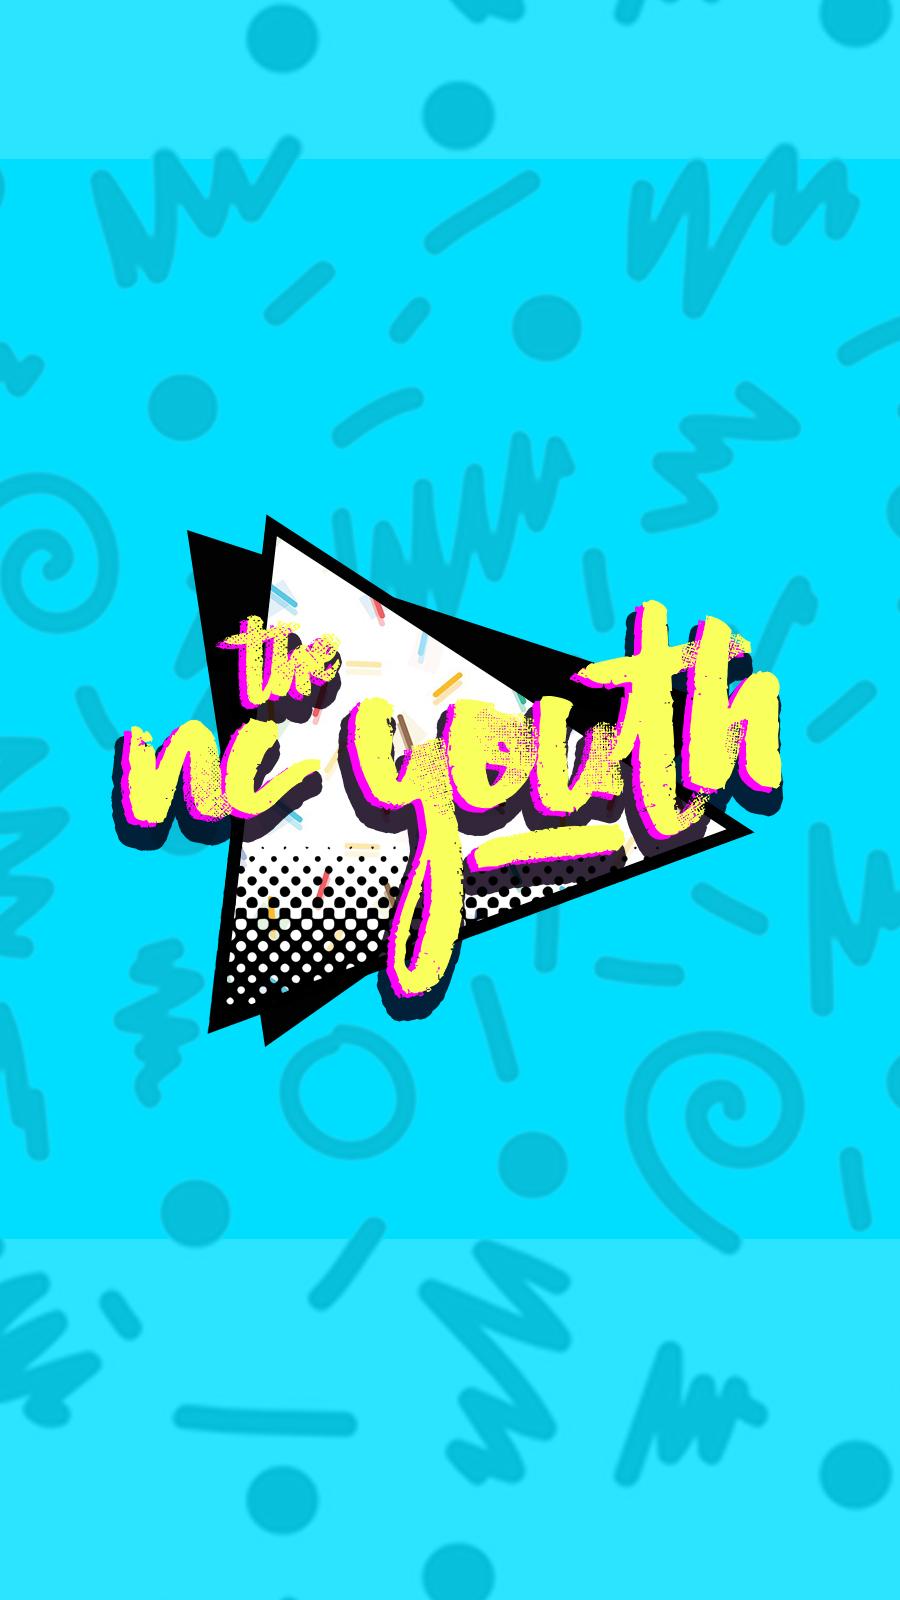 NC Youth Phone BG Blue.jpg